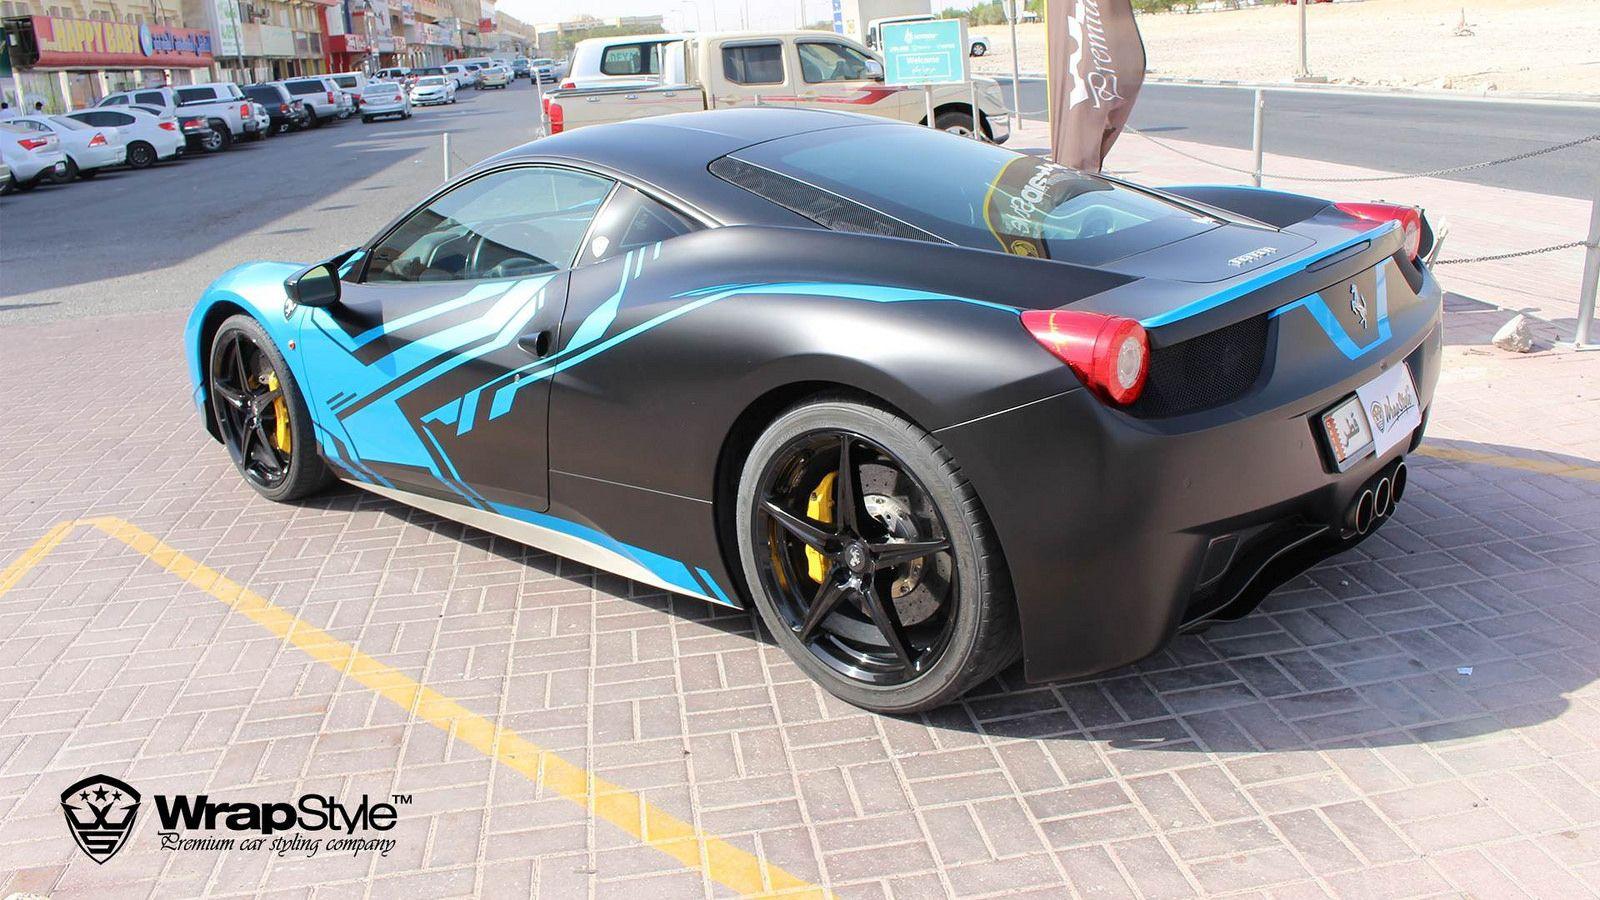 Car sticker wrap singapore - Ferrari 458 Italia Design 04 Wrapstyle Car Wrap Foil By Wrapstyle